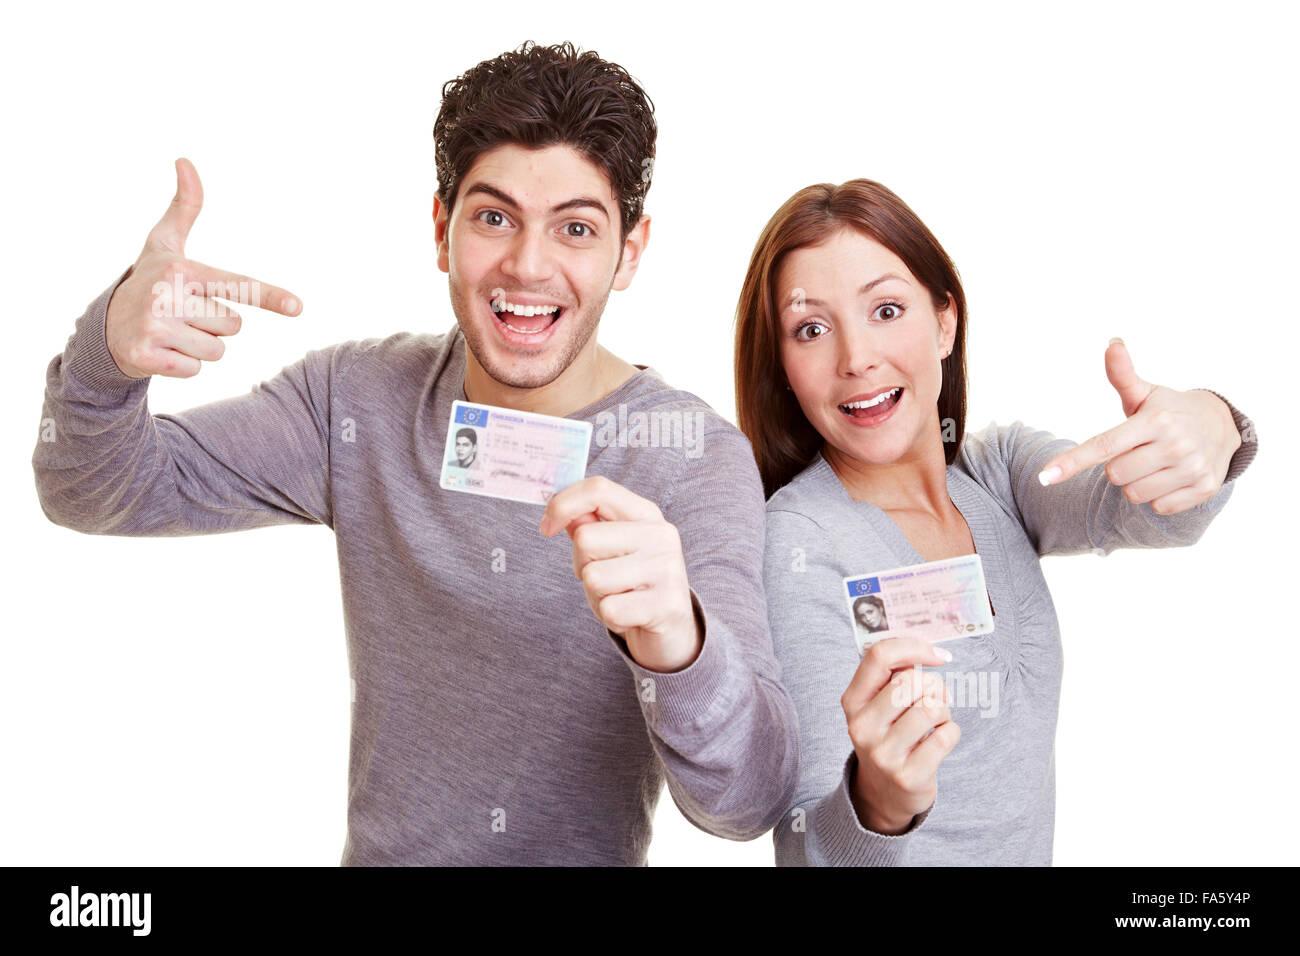 Dos adolescentes feliz señalando su permiso de conducción europeo Imagen De Stock